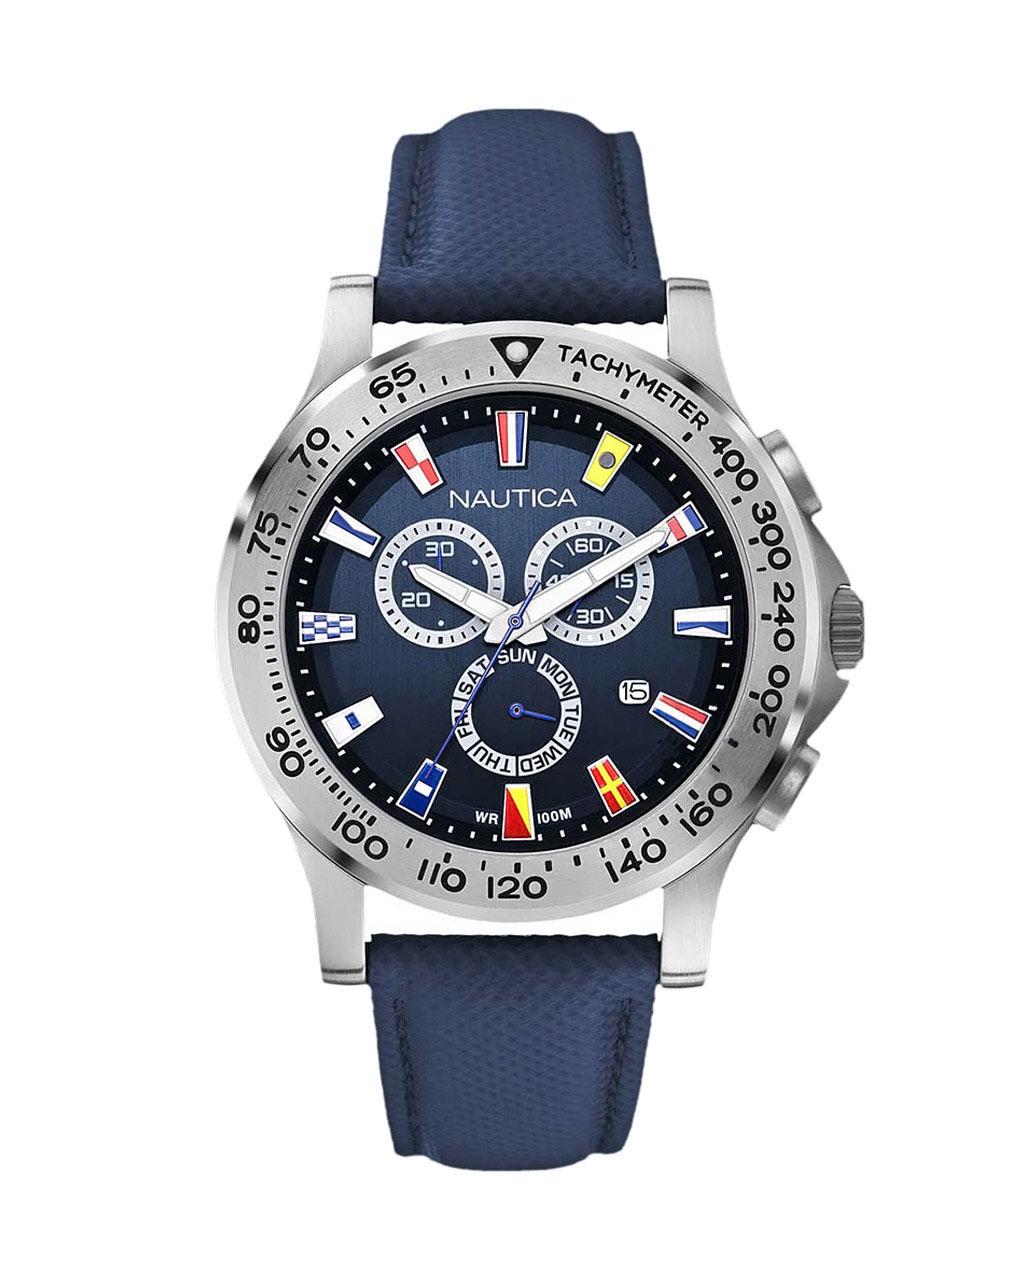 Ρολόι NAUTICA NST 600 A19597G   brands nautica